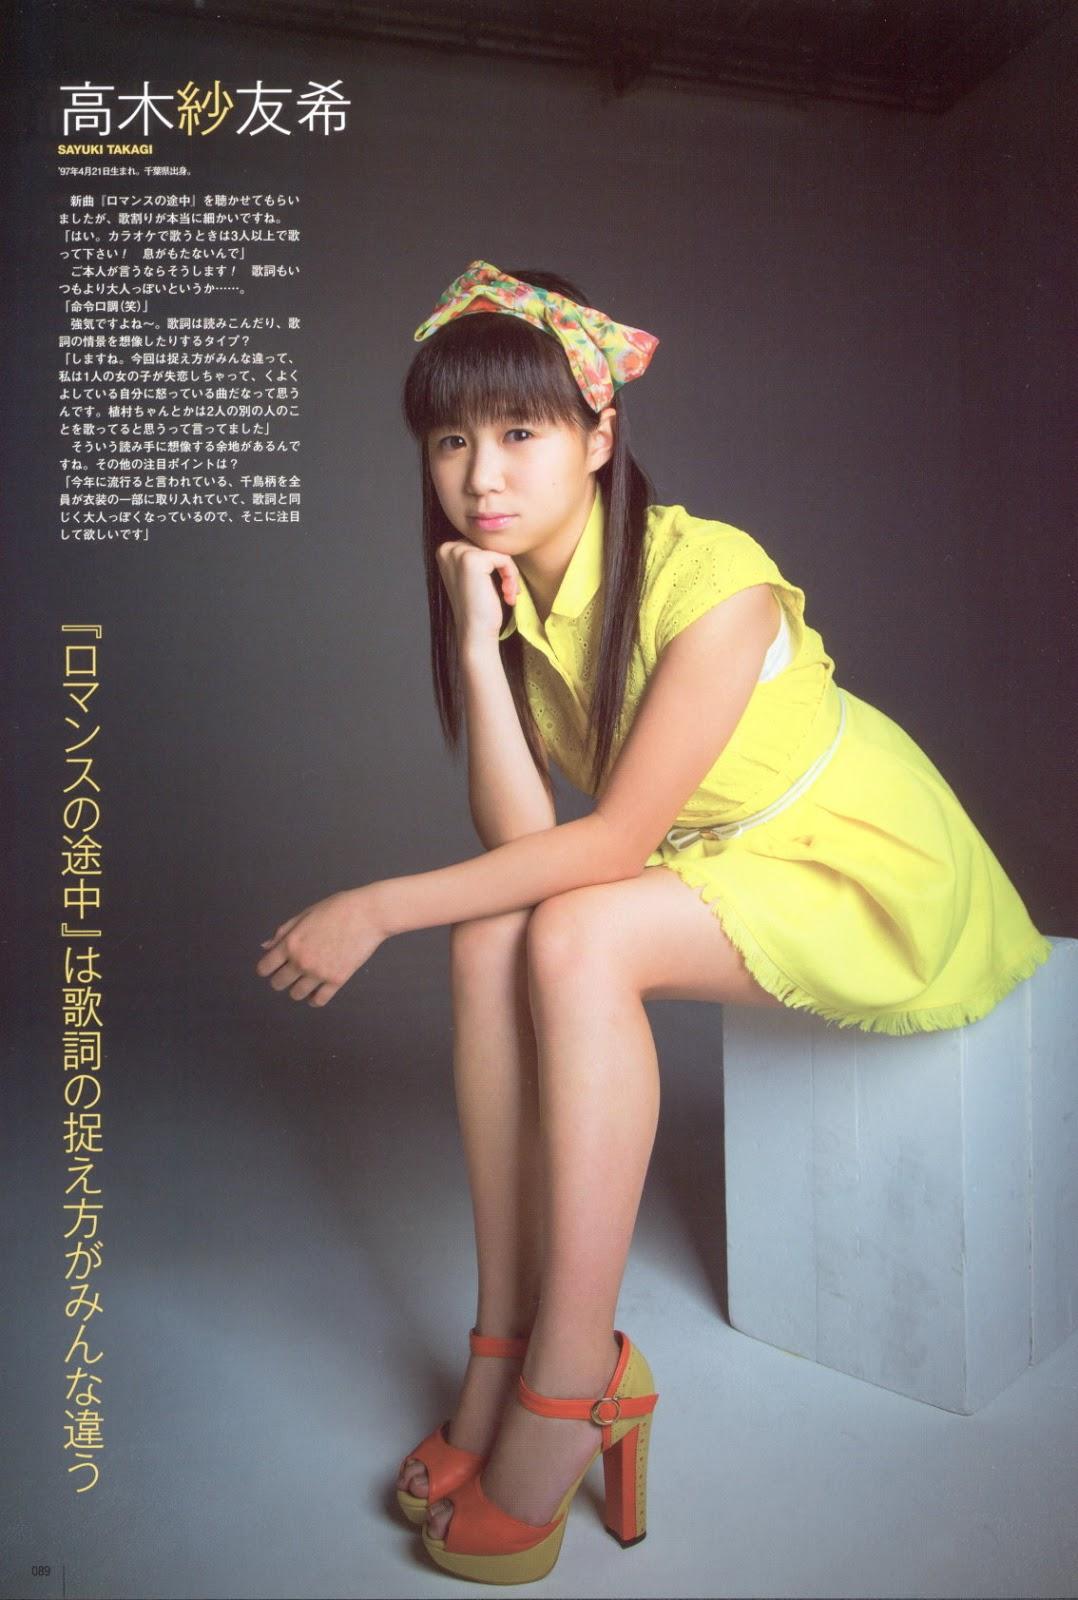 Magazine, Takagi Sayuki-403033.jpg